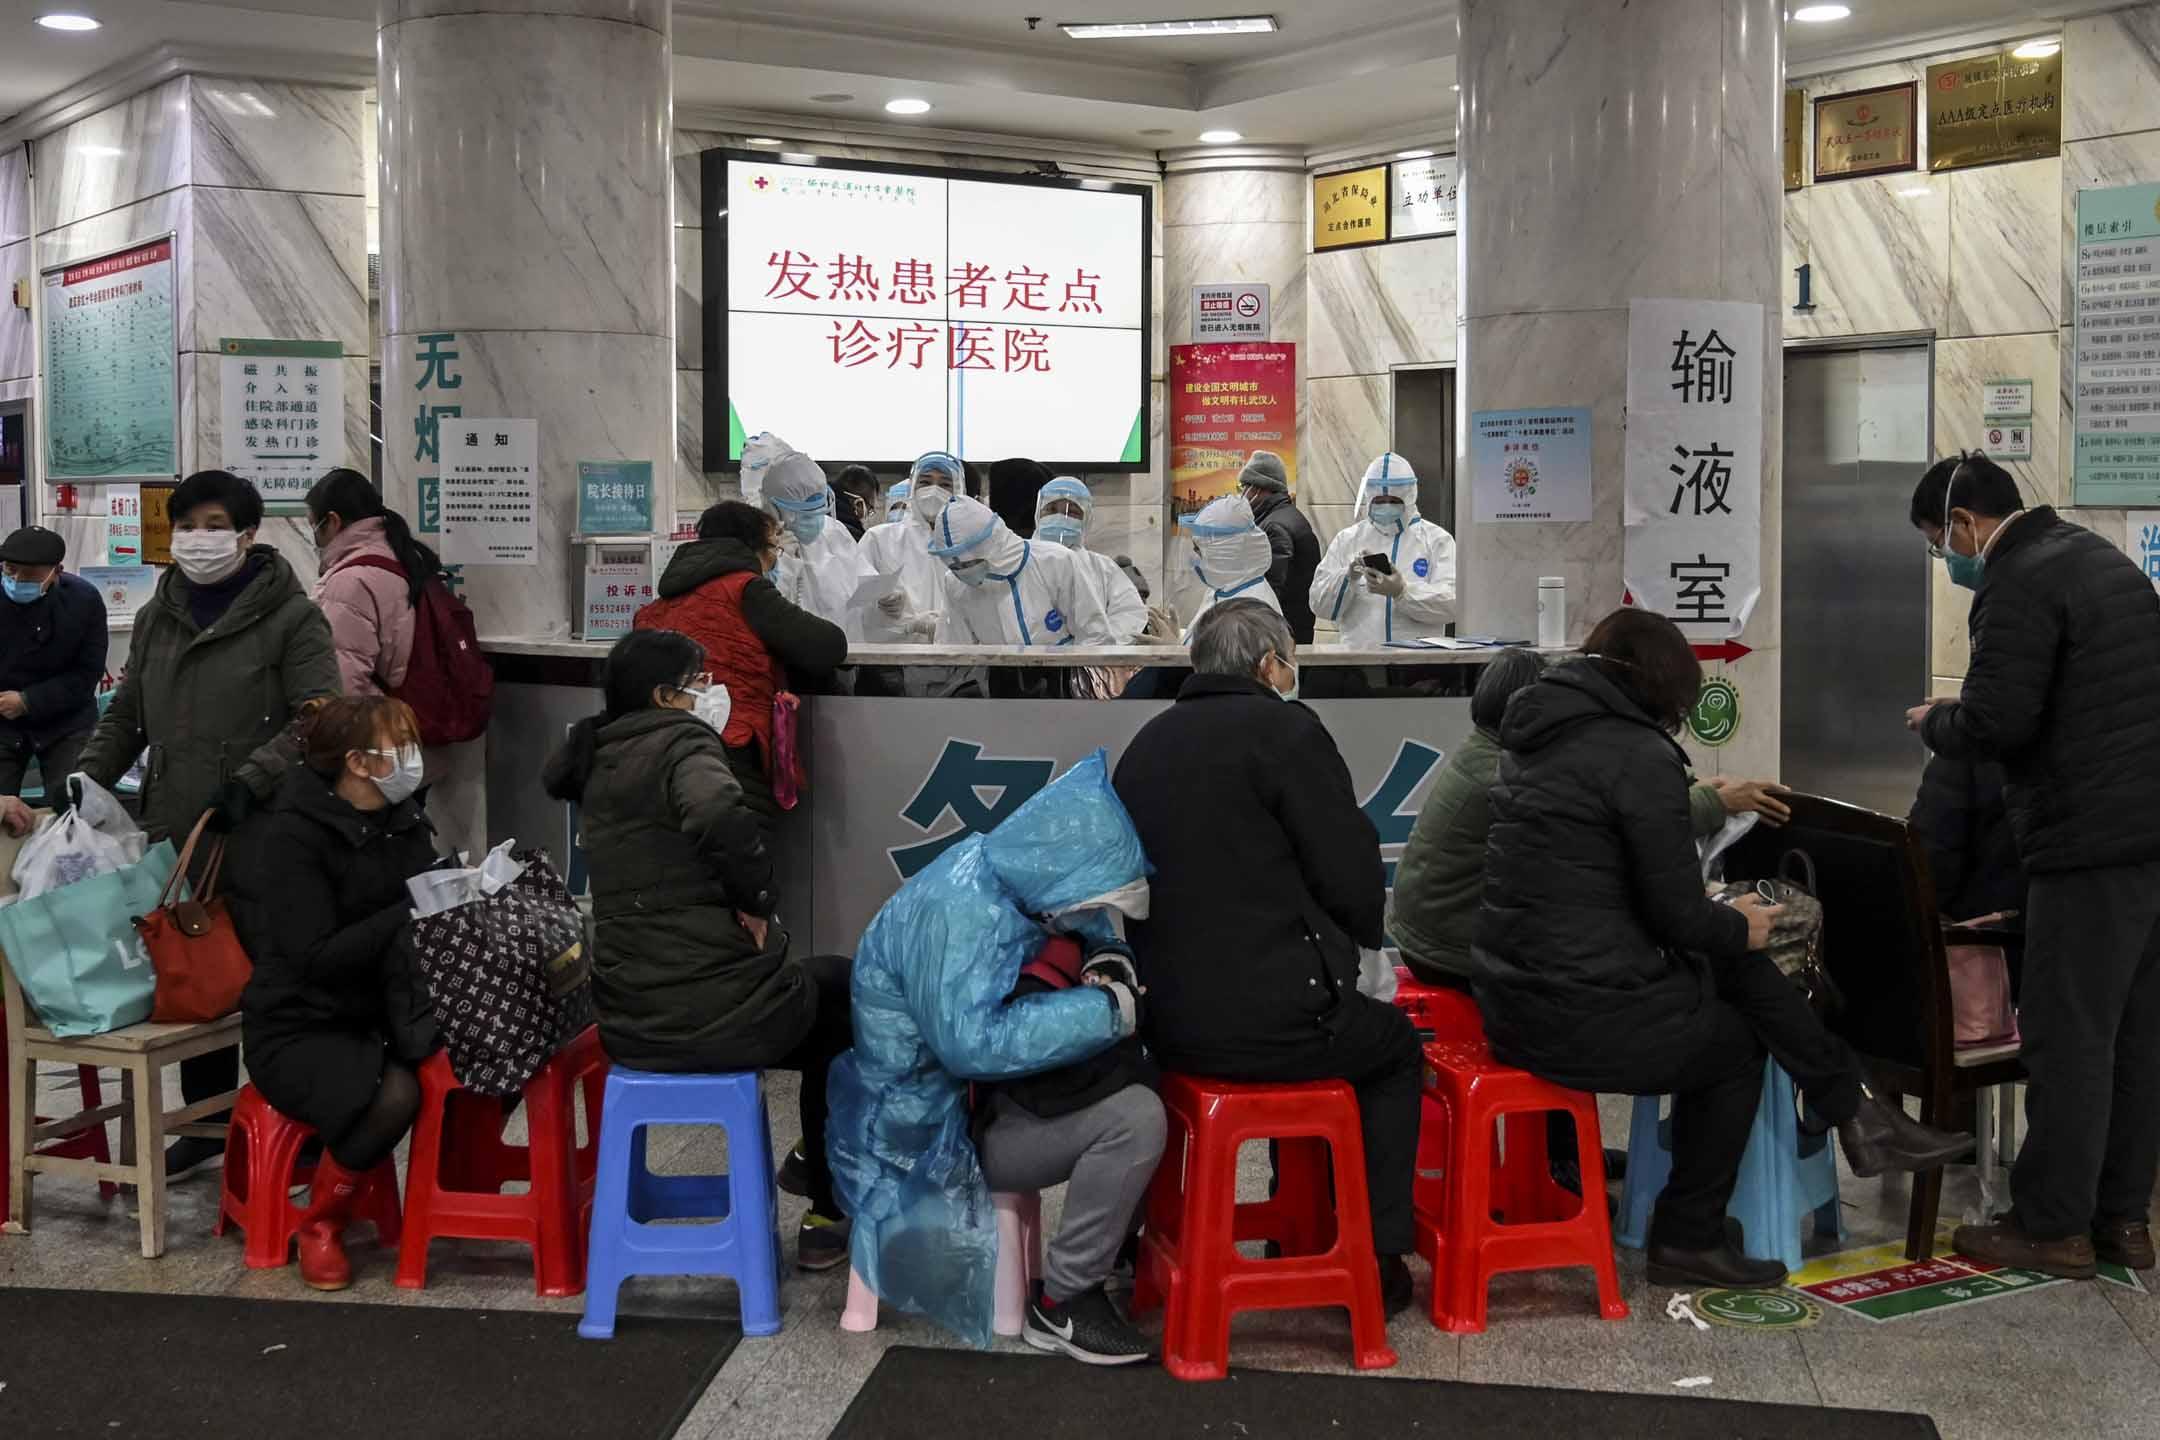 2020年1月24日,武漢市紅十字會醫院,穿著防護服的醫務人員及等候的病人。